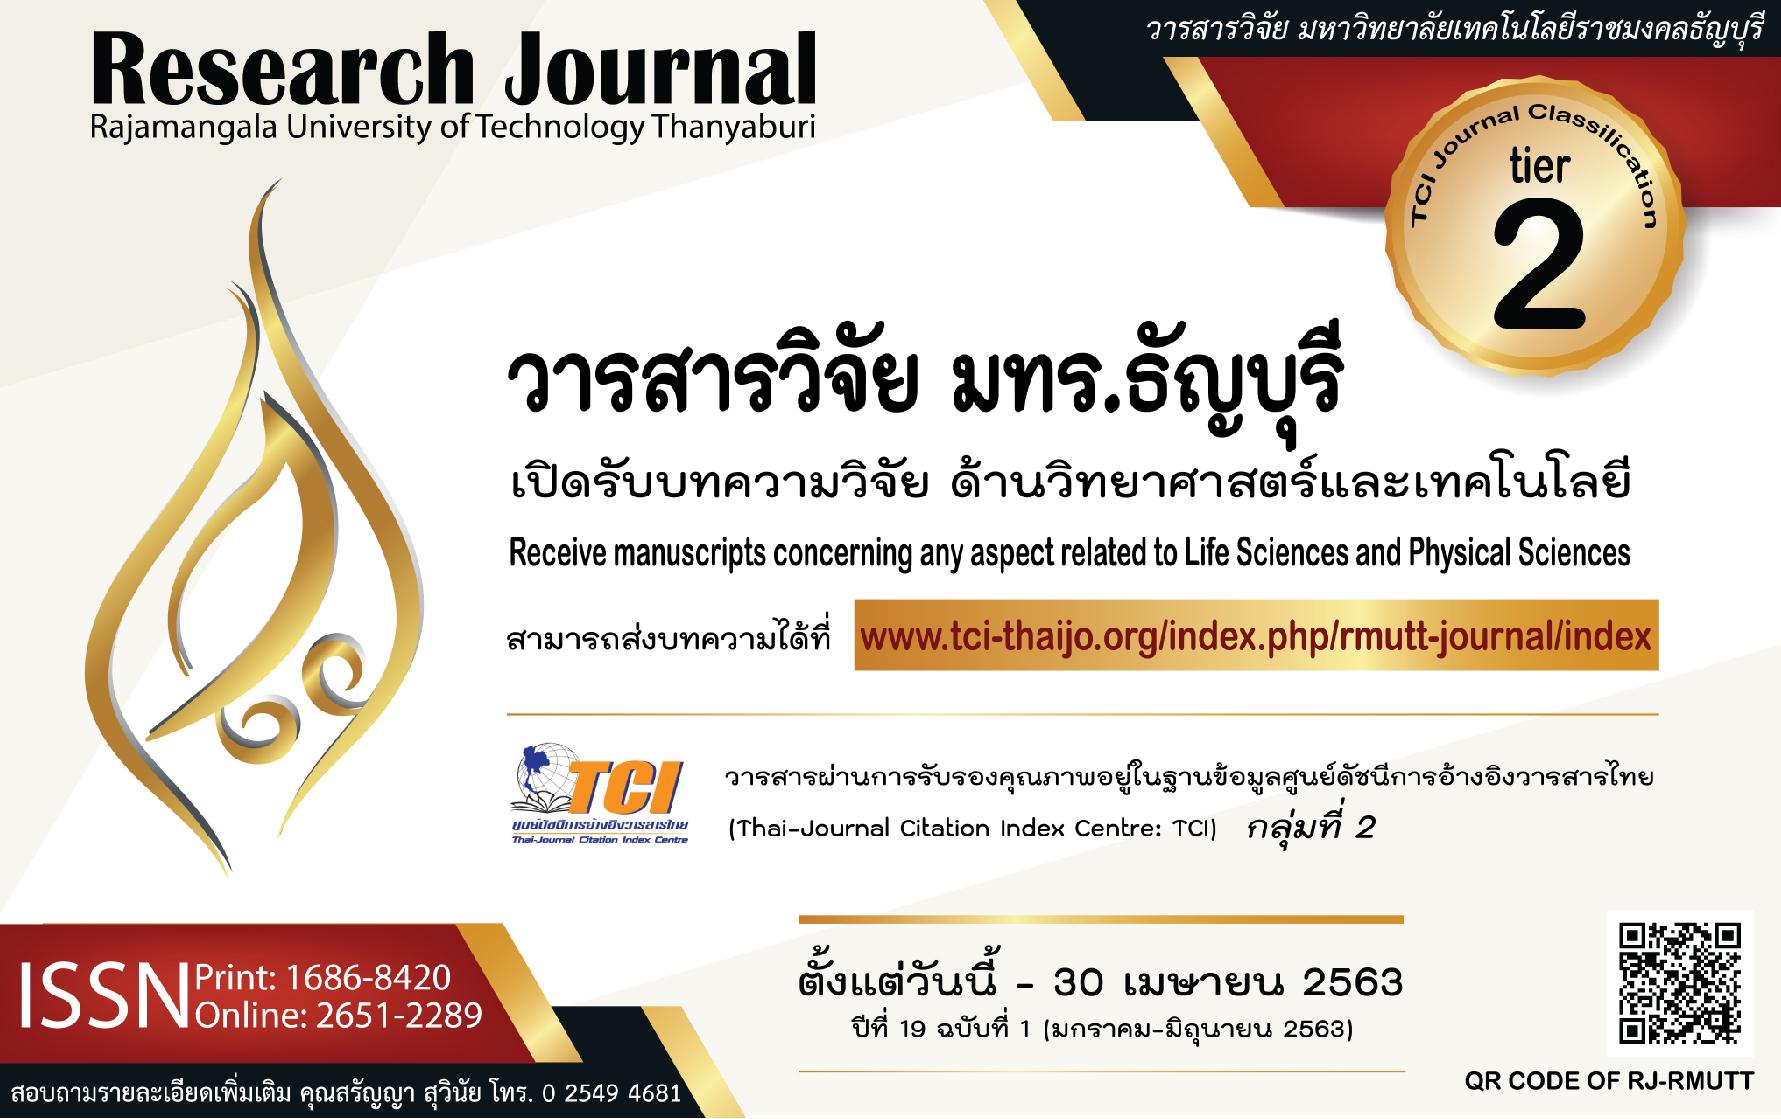 ประกาศ!! วารสาร มทร.ธัญบุรี เปิดรับบทความวิจัย